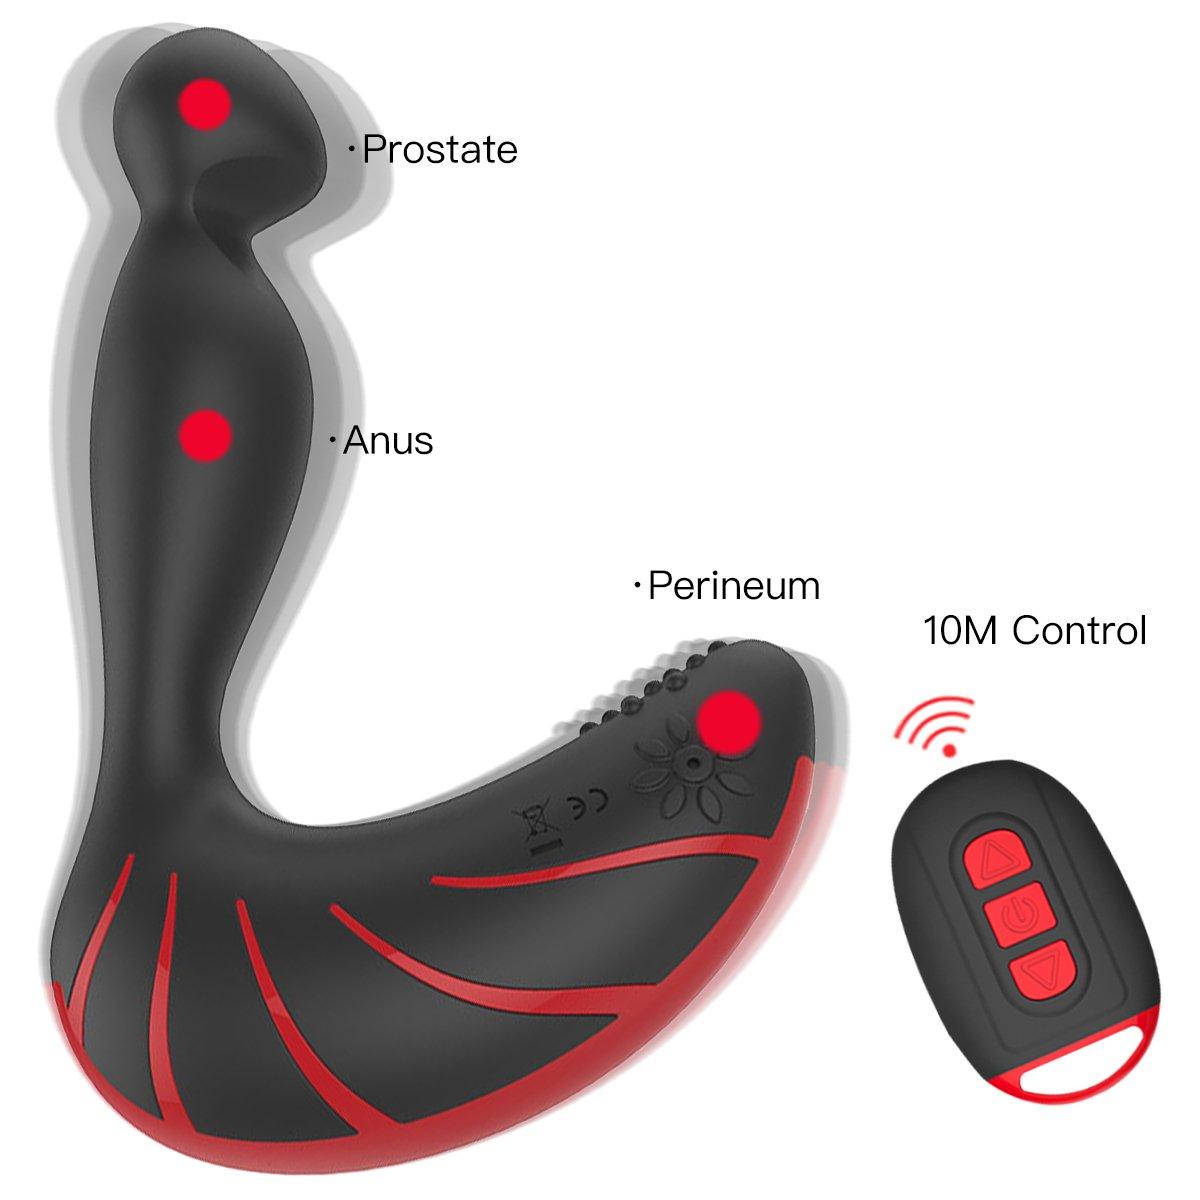 prostata massage mini vibrator